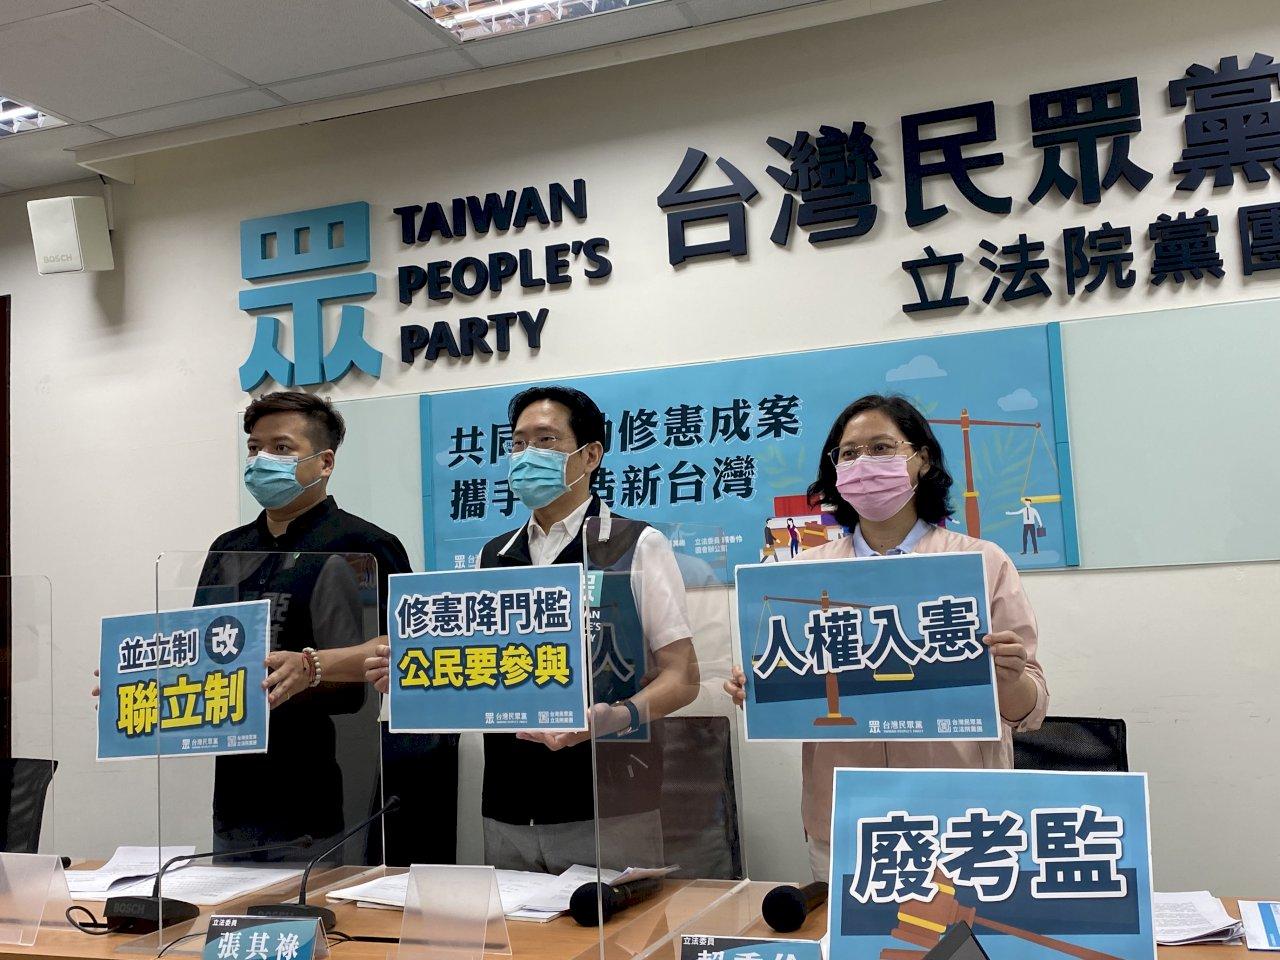 民眾黨團新會期拼修憲 再提廢考監、人權入憲